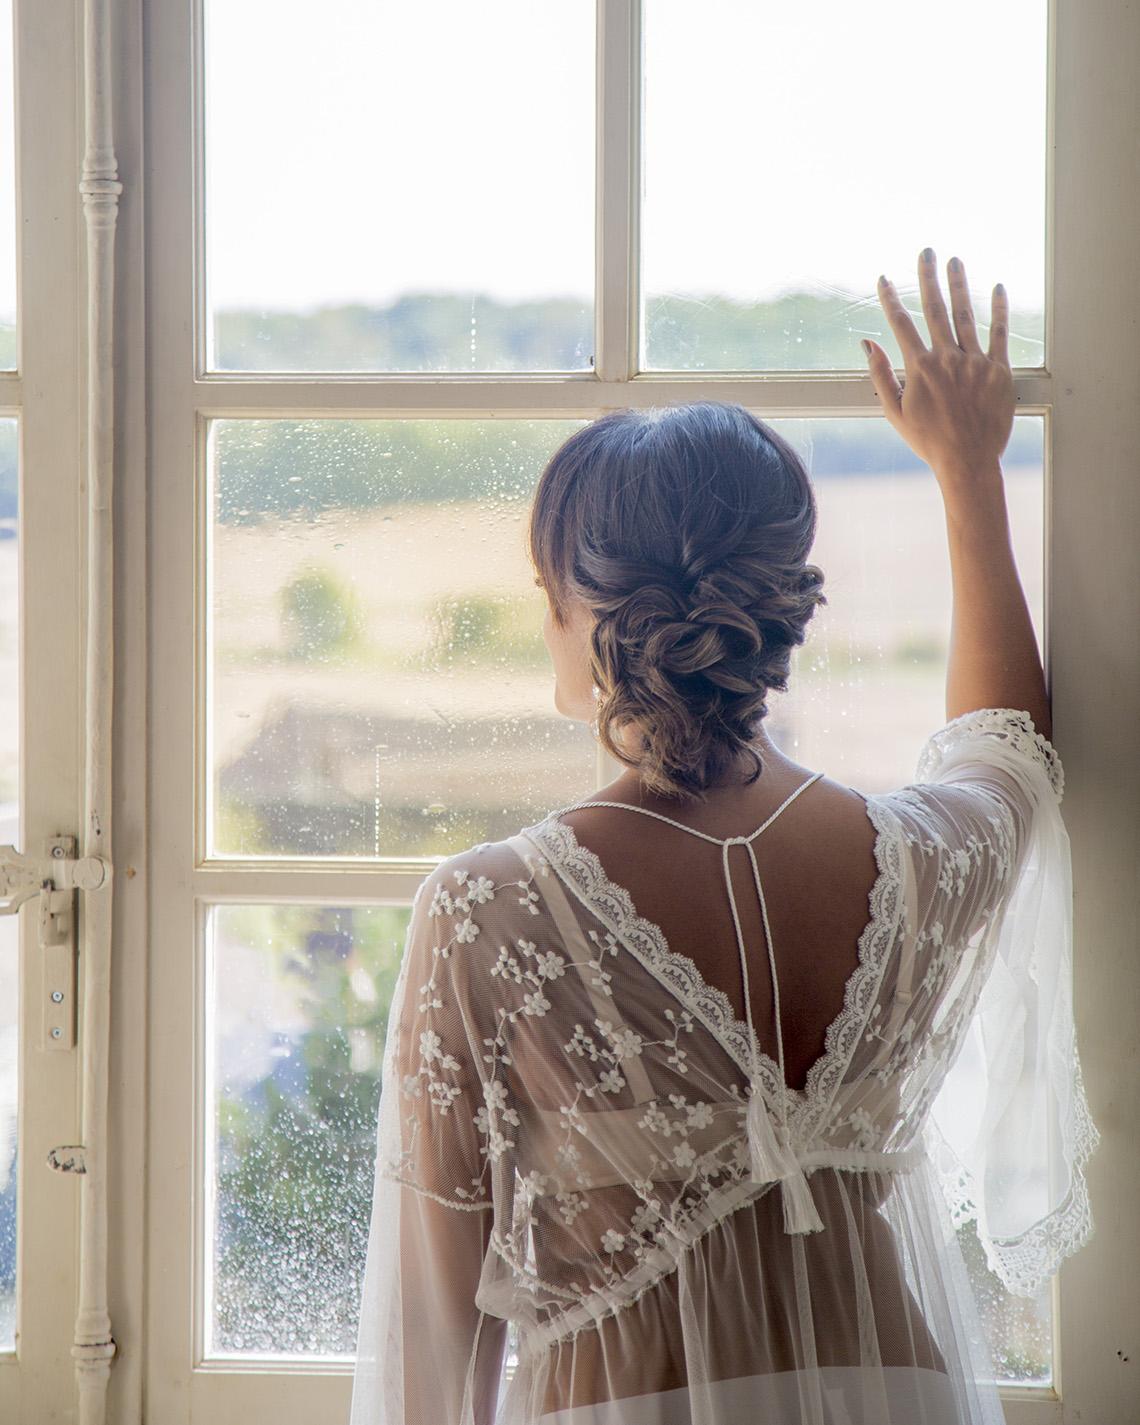 Autumn French Chateau Peach Wedding Inspiration – Szu Designs 2